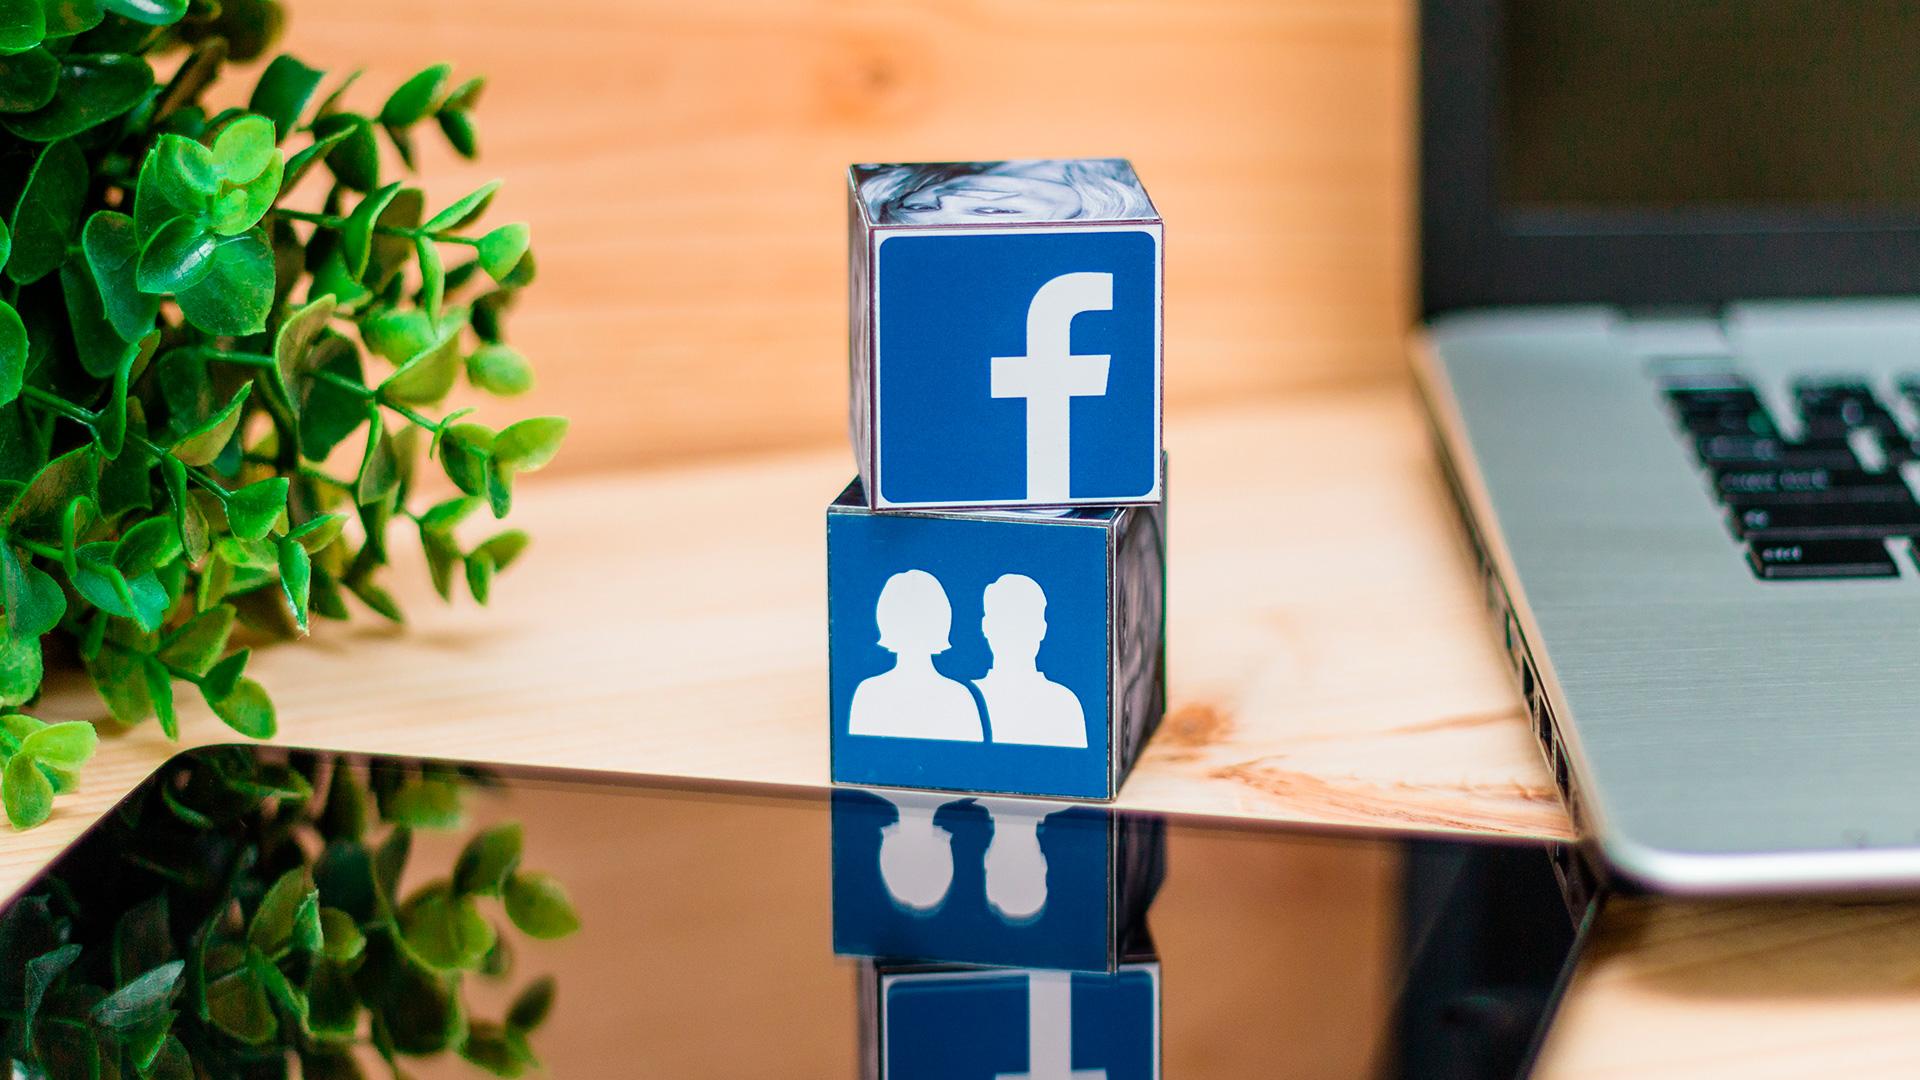 Gruppi Facebook: perché sono importanti per il marketing online e come sfruttarli al meglio